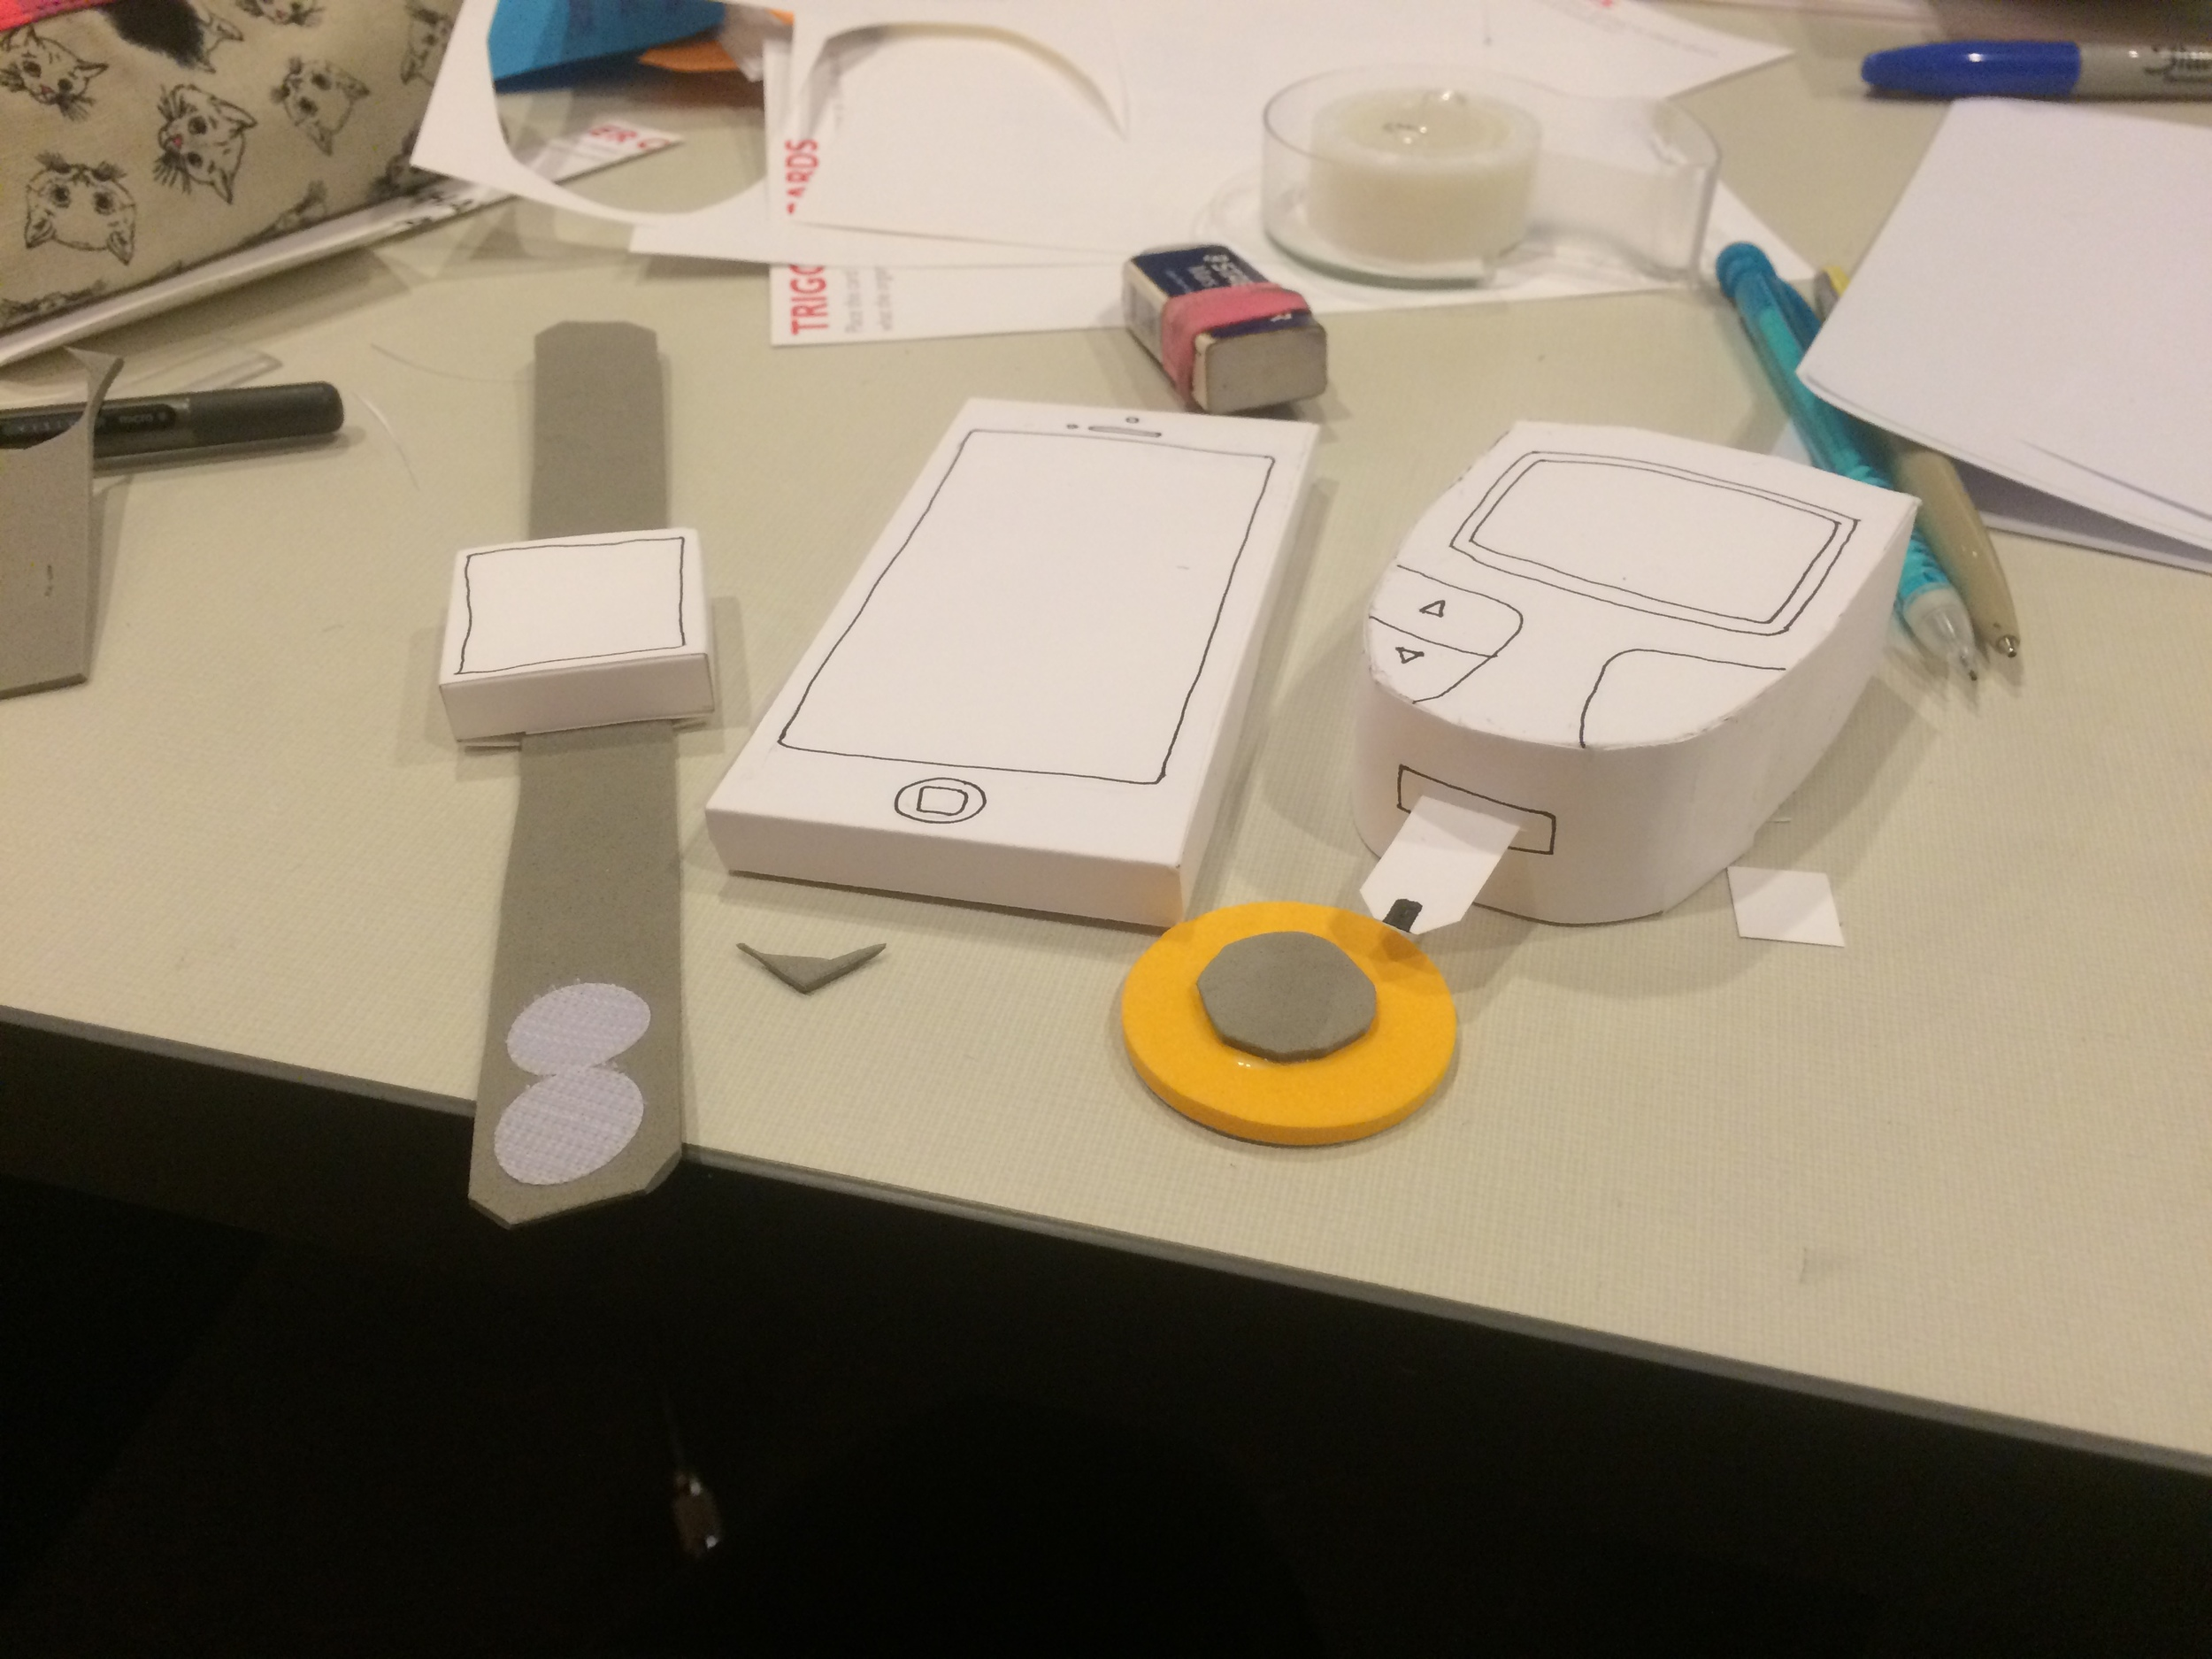 3D mock-ups of concepts